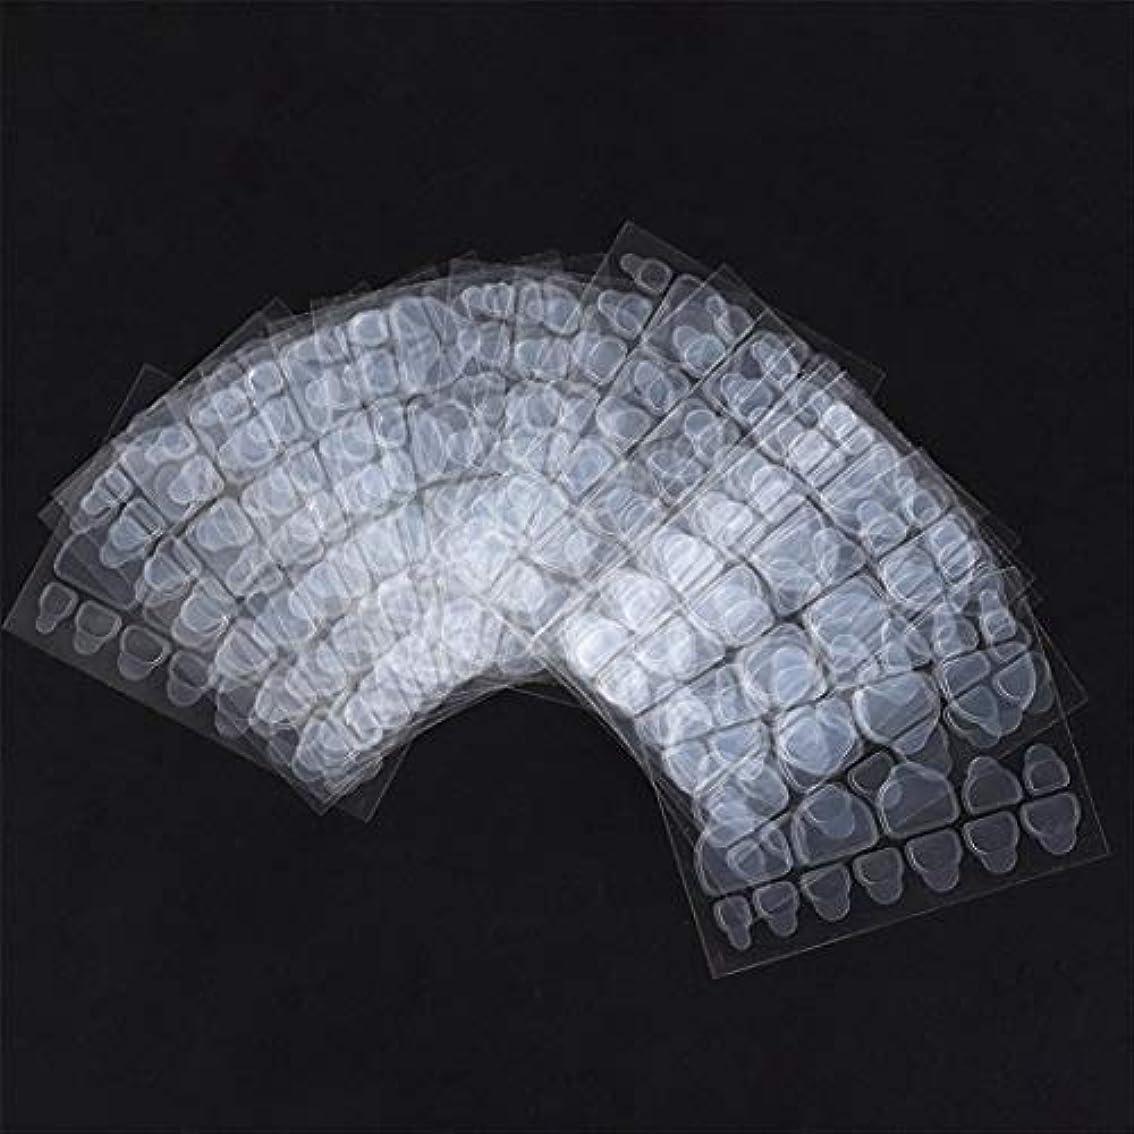 さびた海峡ひも準拠Wadachikis ノベルティ24 pcs/シートテープ偽爪ステッカー接着剤透明爪接着剤両面(None 10 pieces of nail jelly paste)